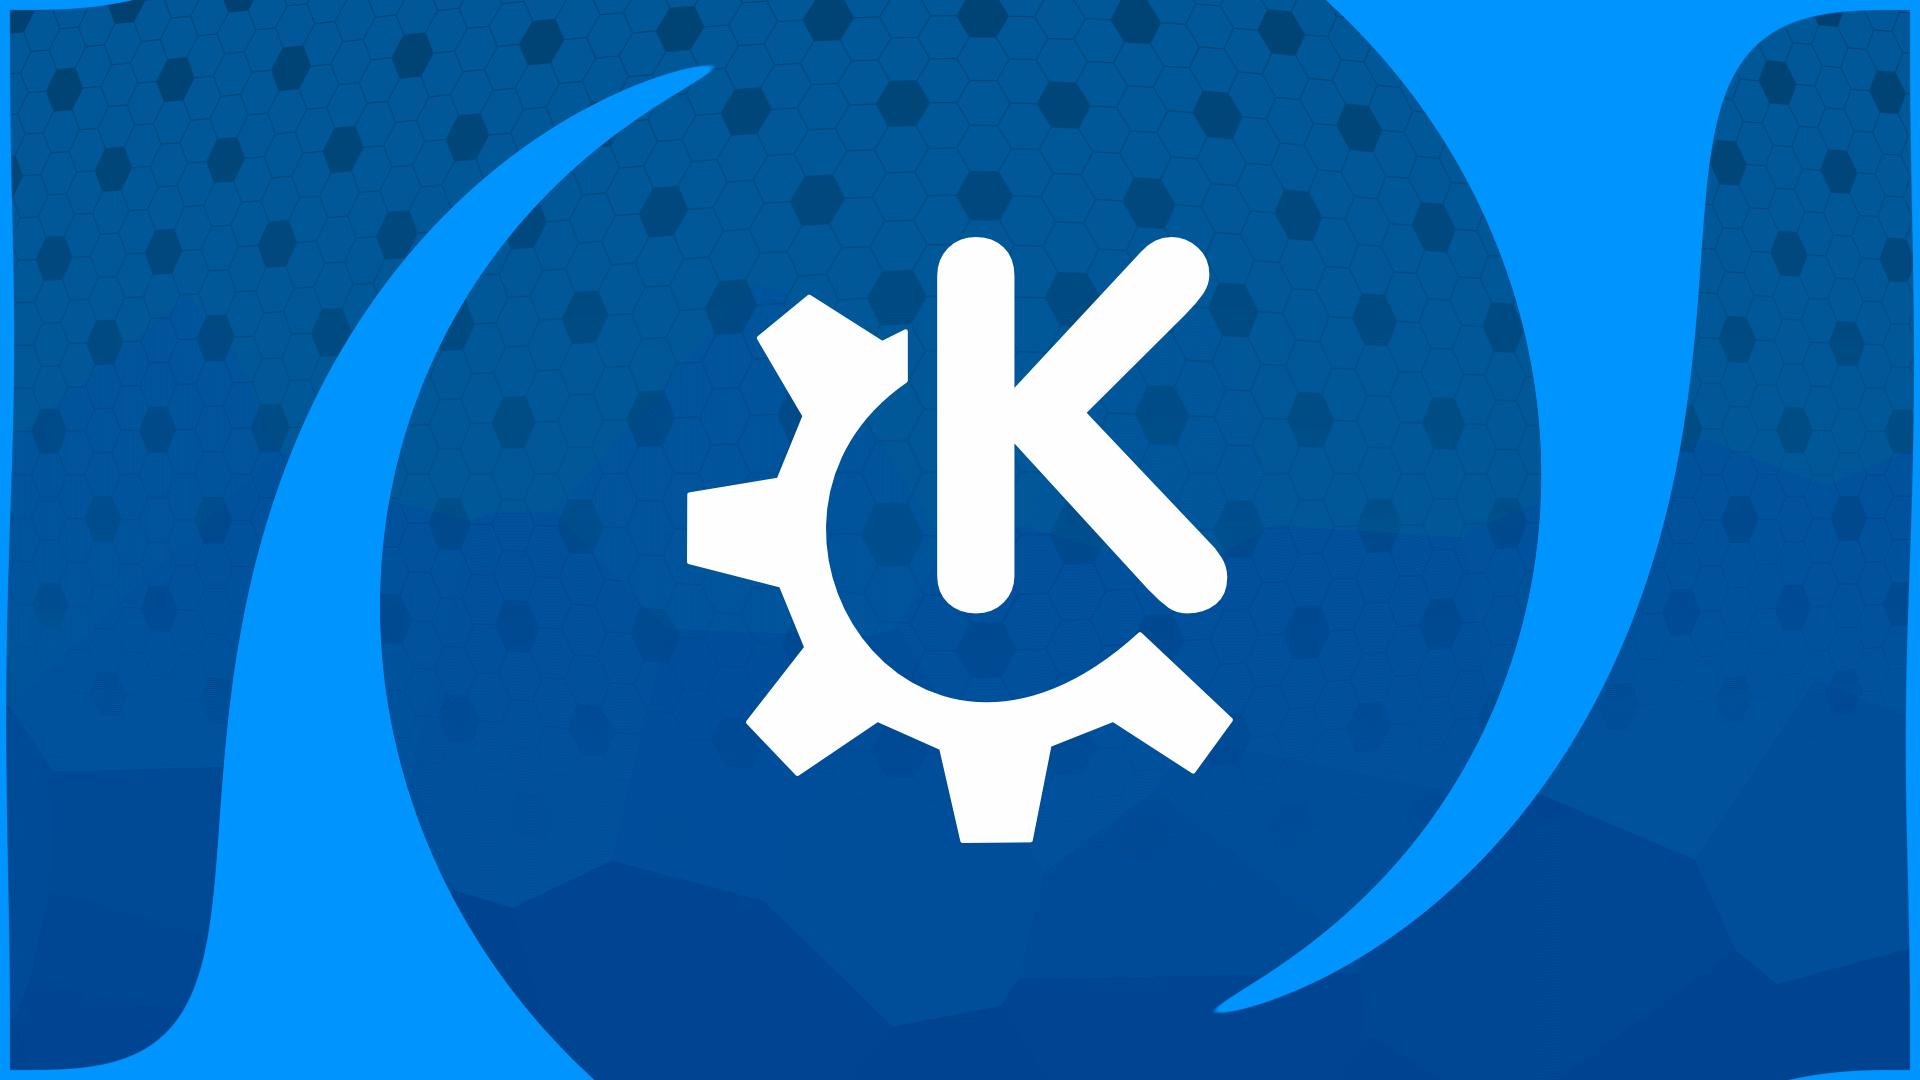 Linux KDE Wallpaper